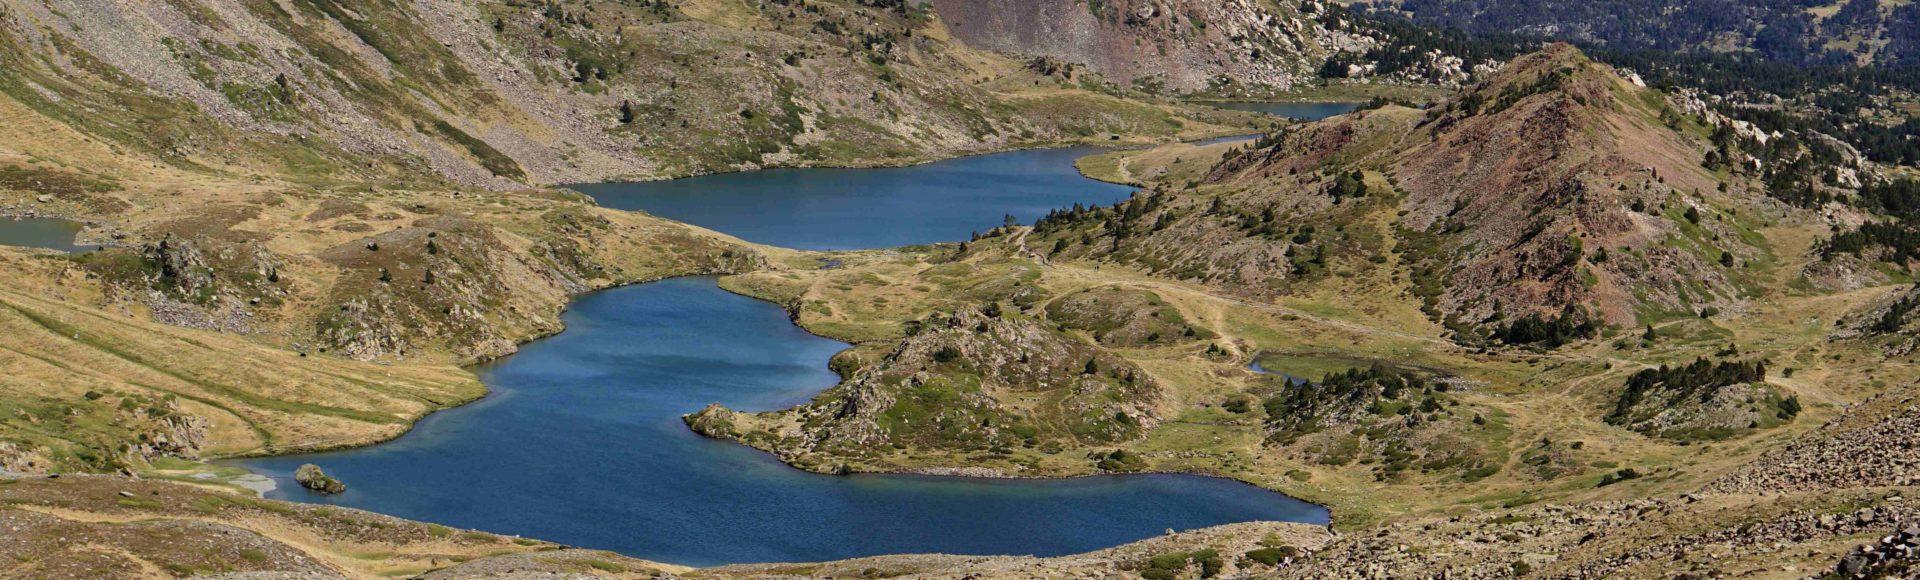 Pic Carlit 2921m.n.p.m w otoczeniu ślicznych Lacs du Carlit.